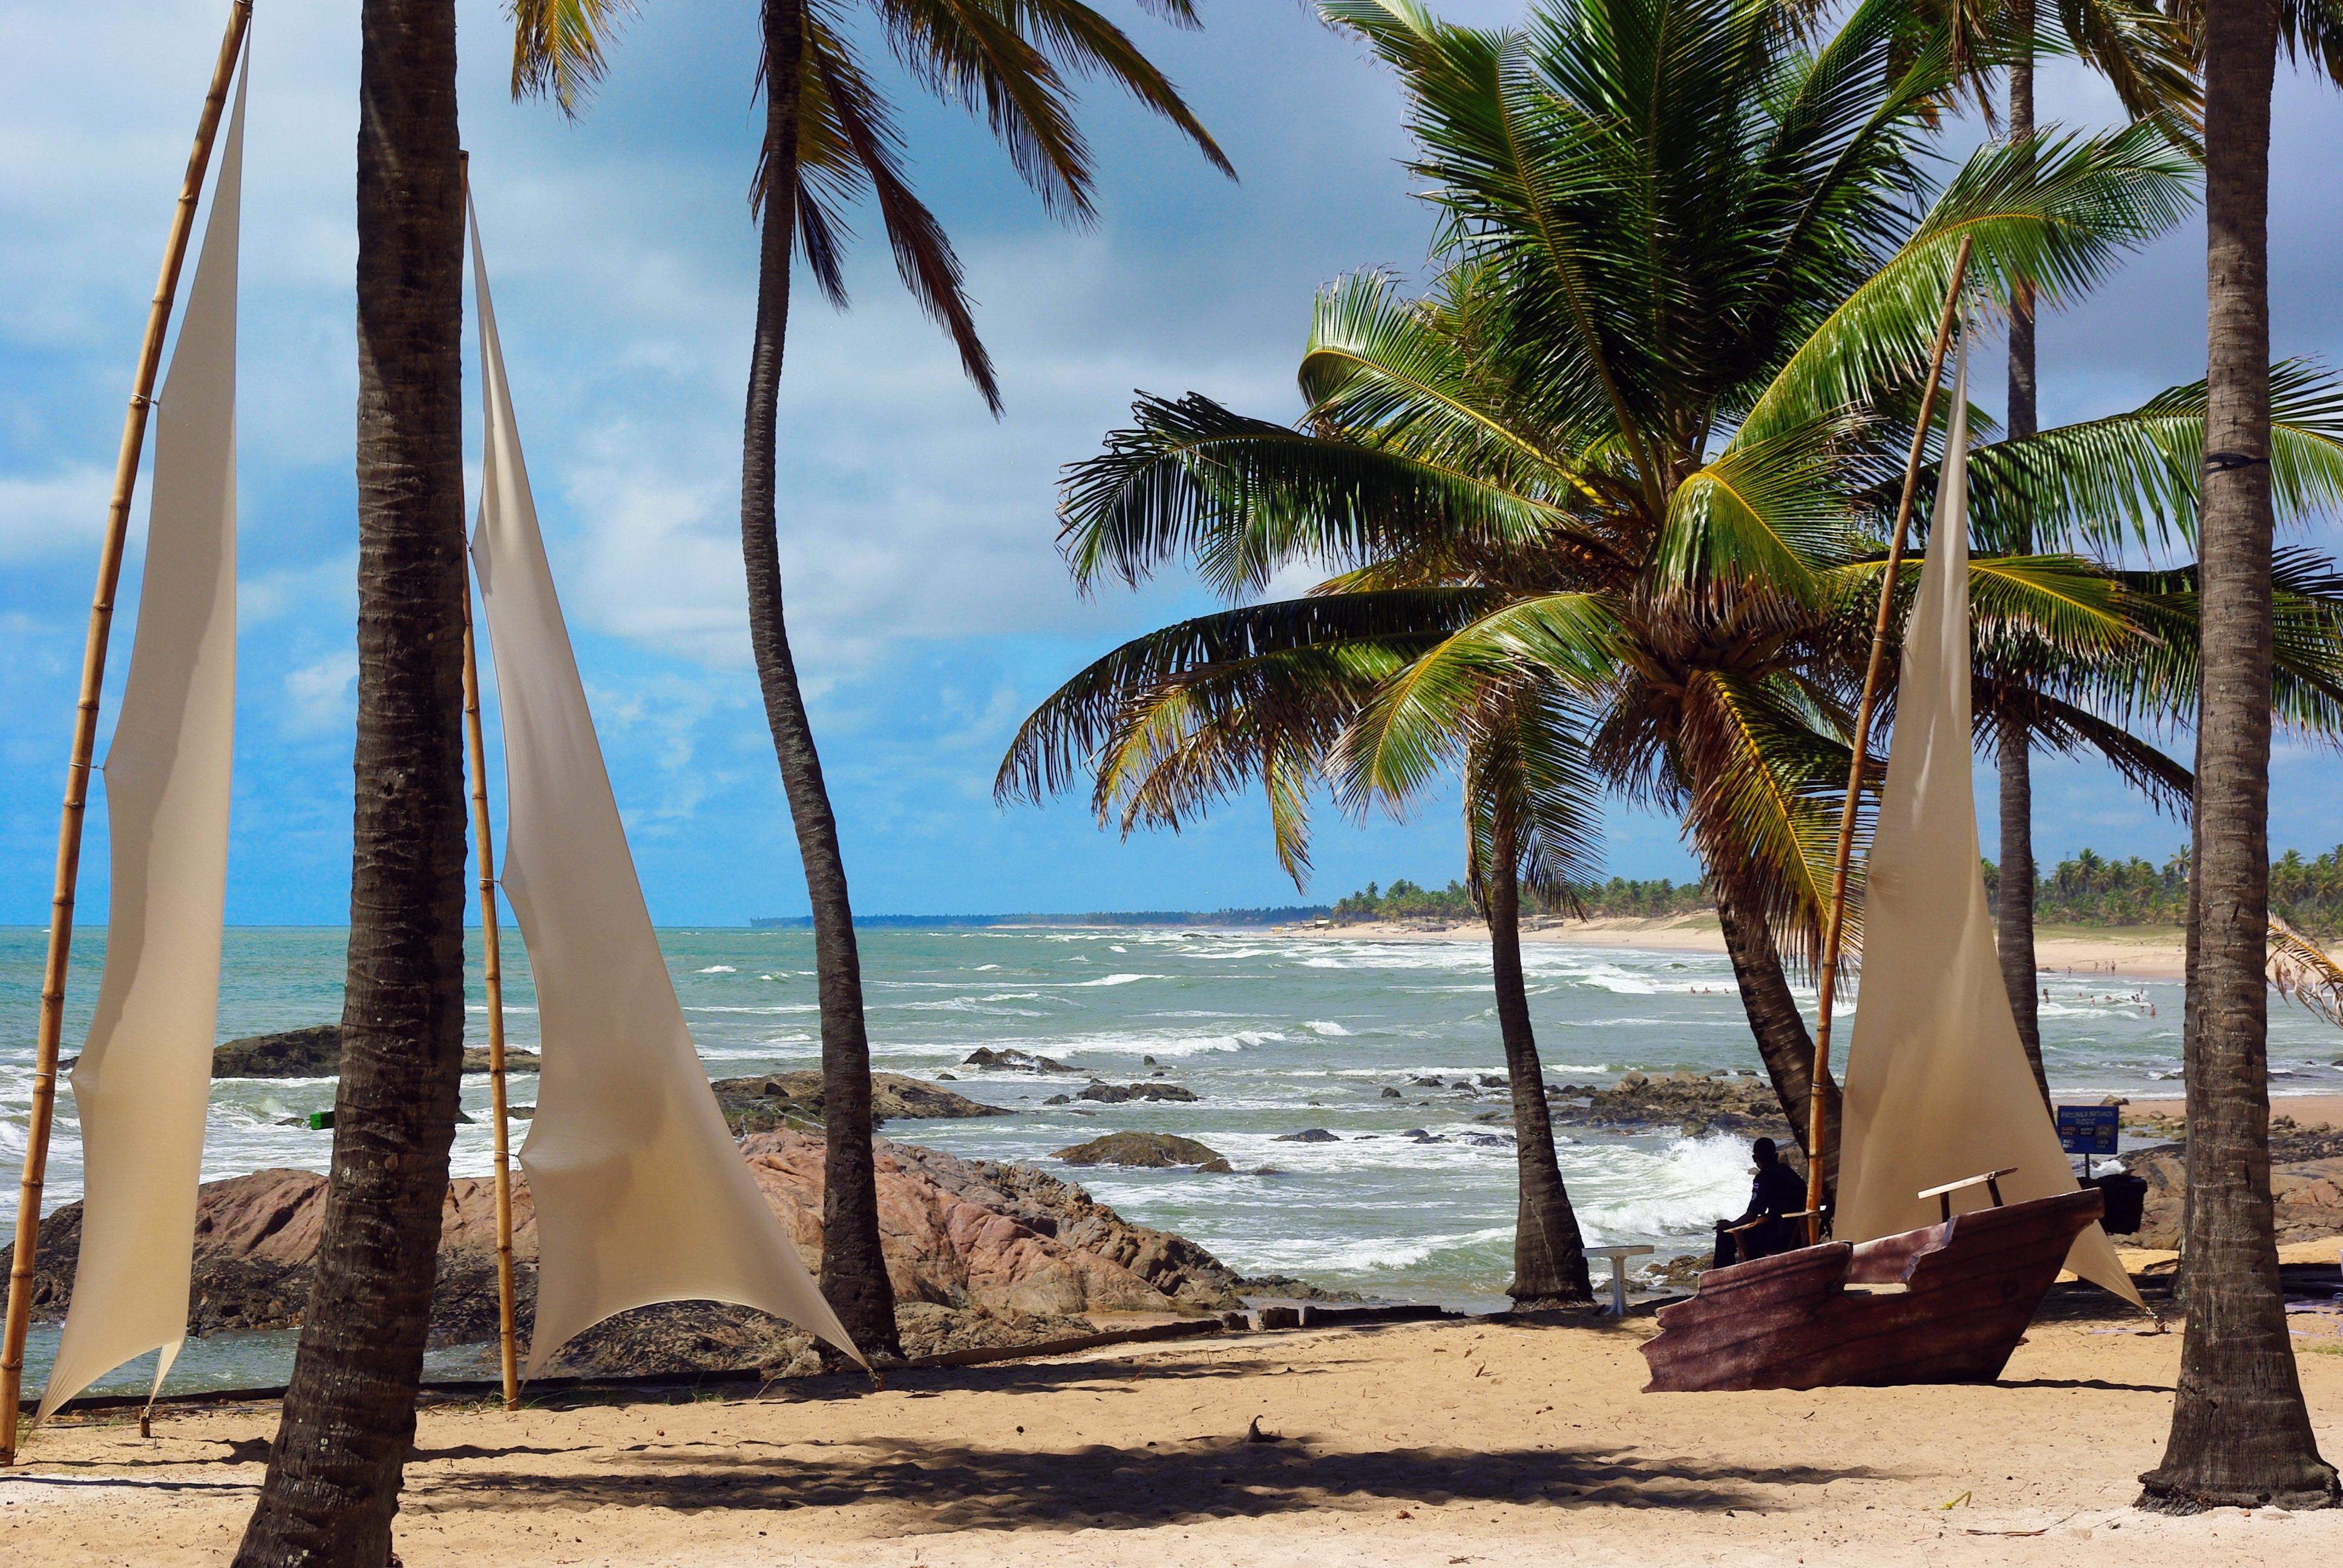 15-melhores-lugares-para-viajar-esse-ano-2018-brasil-bahia 15 melhores lugares para viajar esse ano 2018